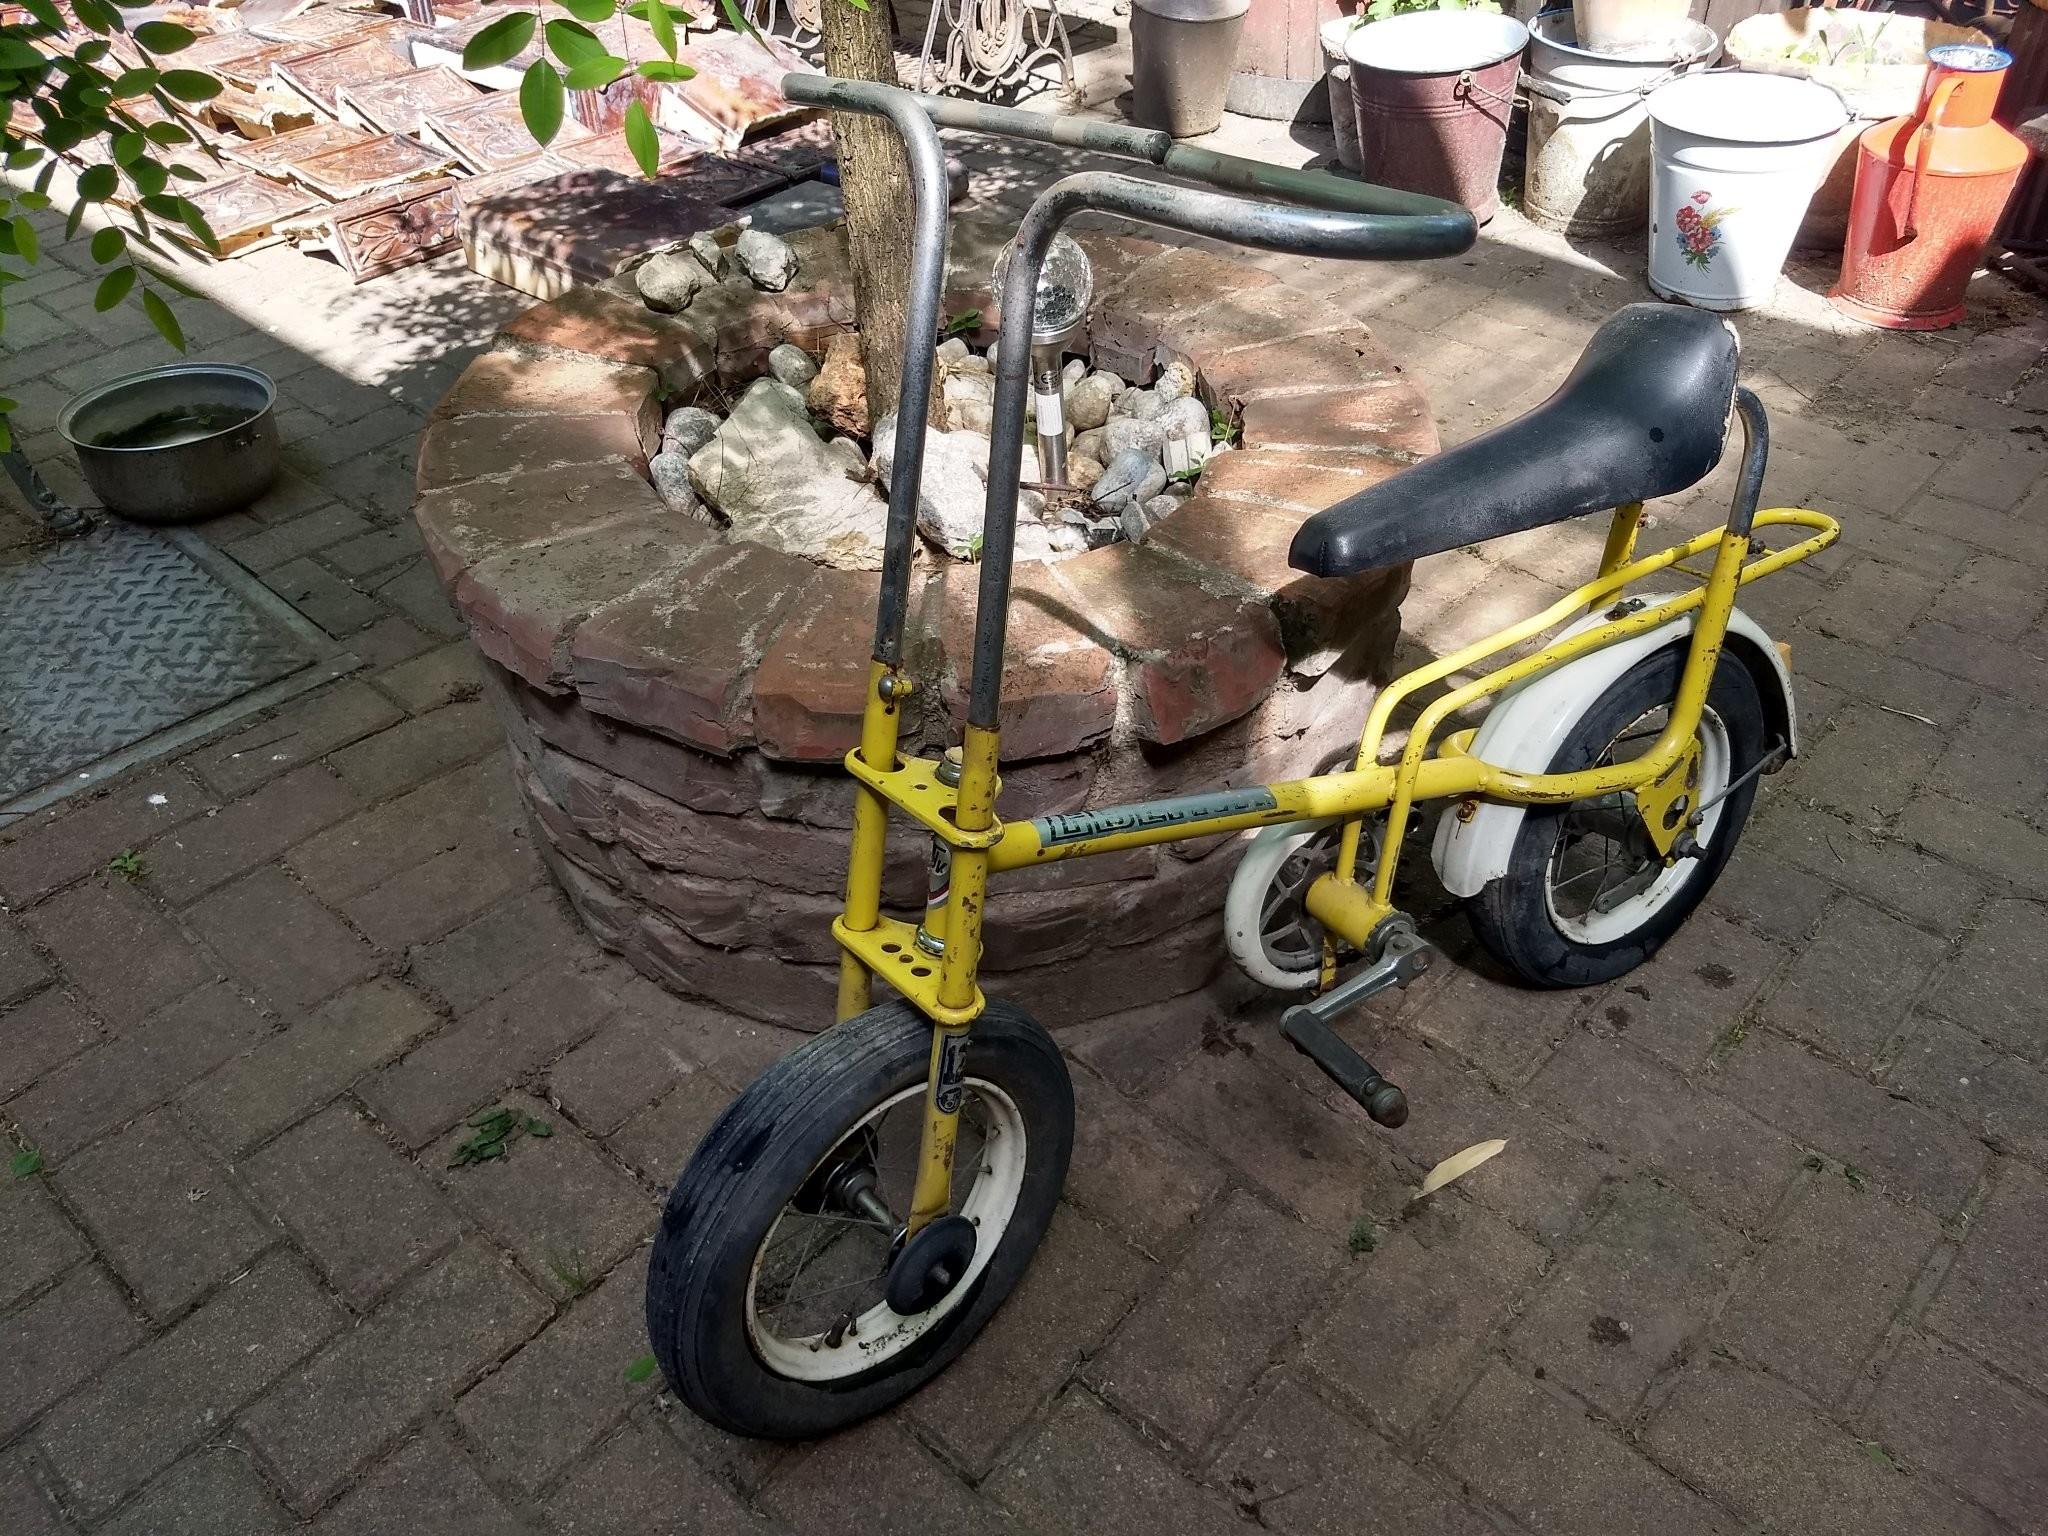 e11c34637616df01ce95e3076449b76f-regi-gyerek-kisbicikli-bicikli-kerekpar-5000-ft.jpg